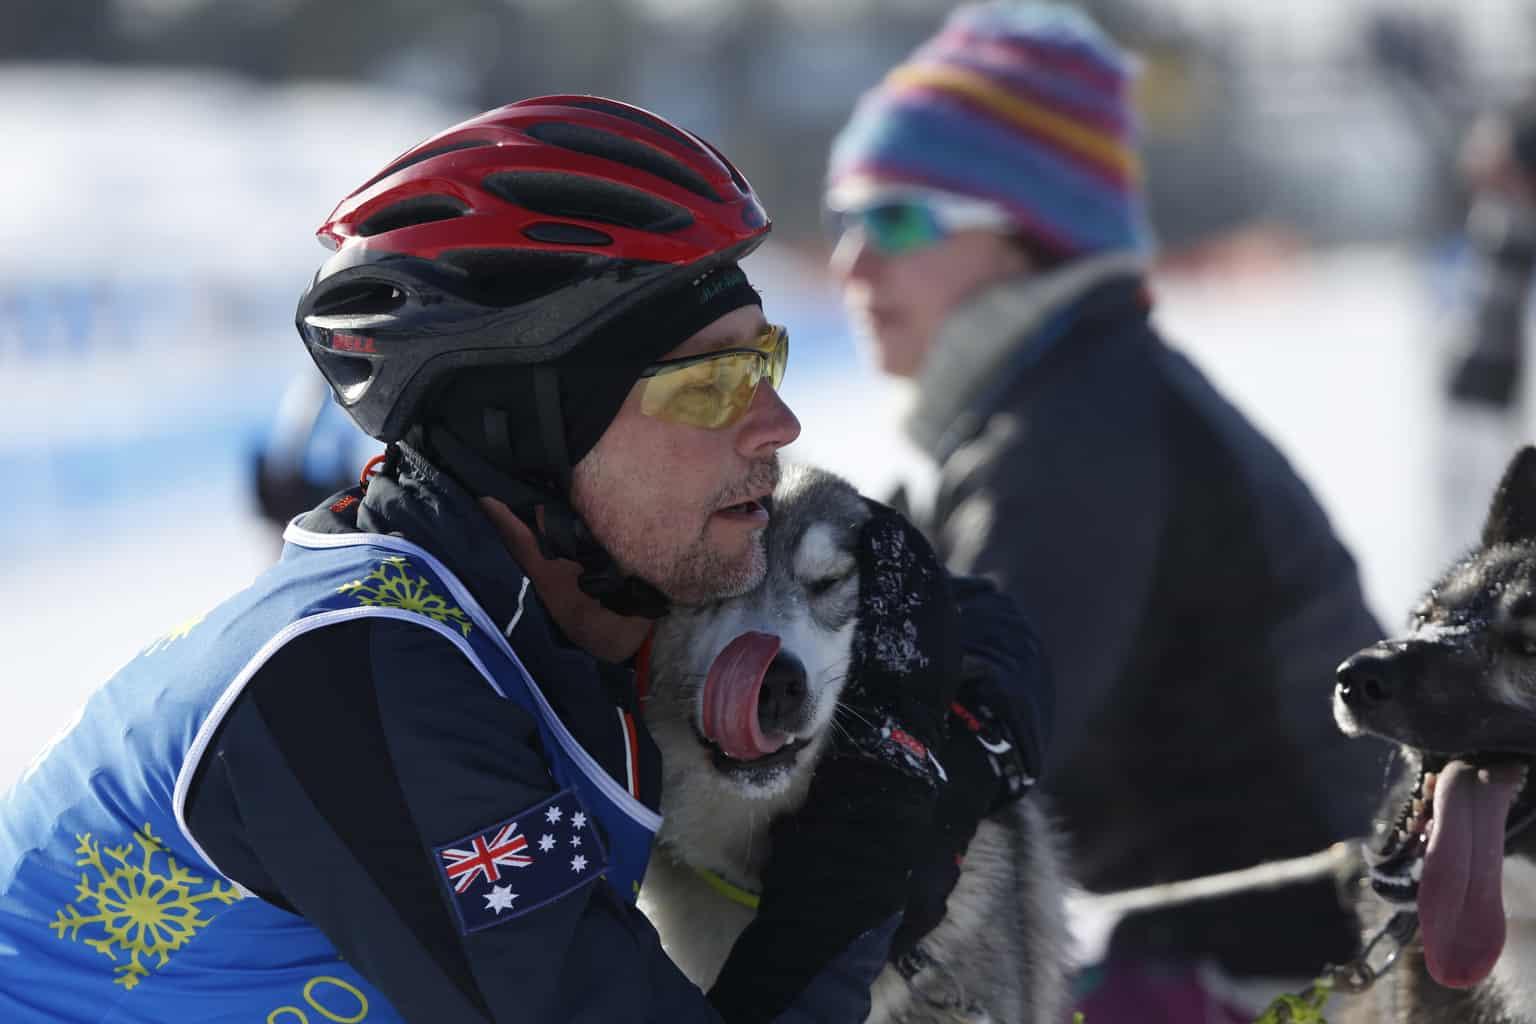 – Det är roligt att vara här, det är kallt men vackert, sade mästerskapens mest långväga deltagare Michael Herbst från Australien. Foto: Niklas Andersson